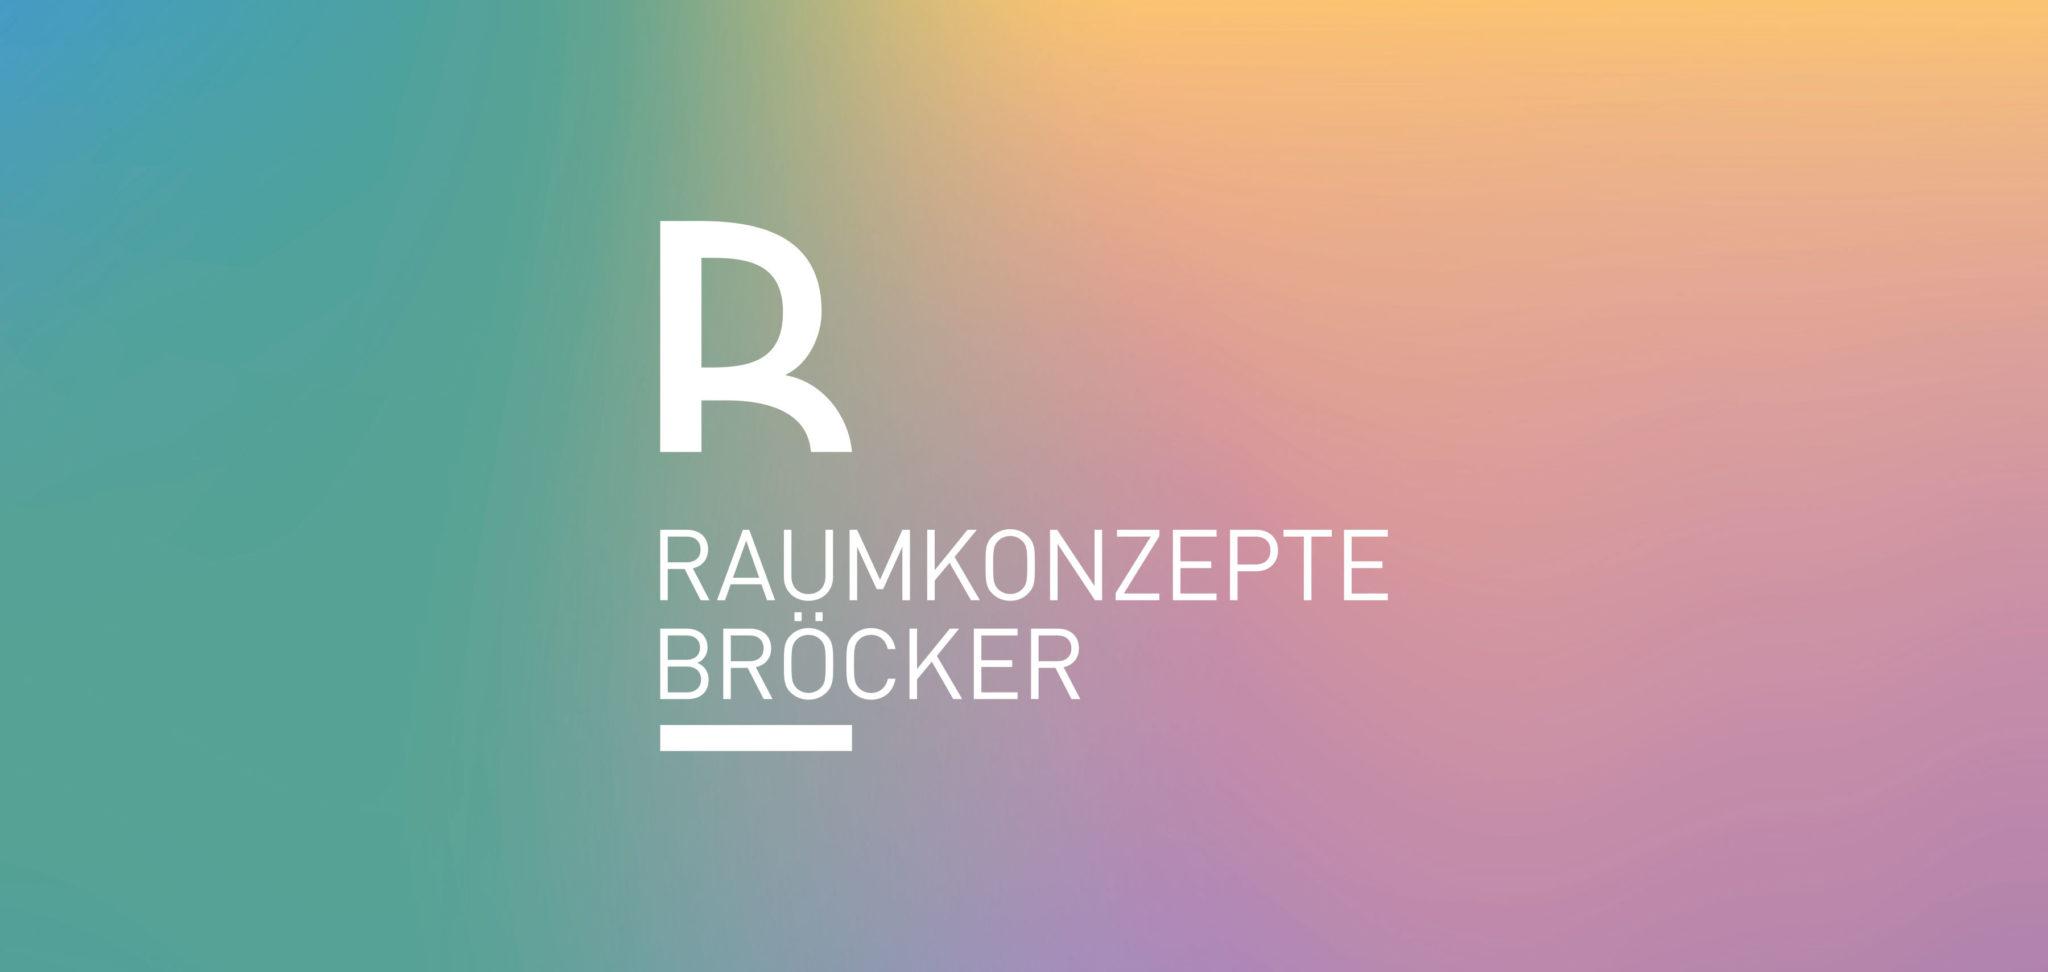 Bröcker_Logo